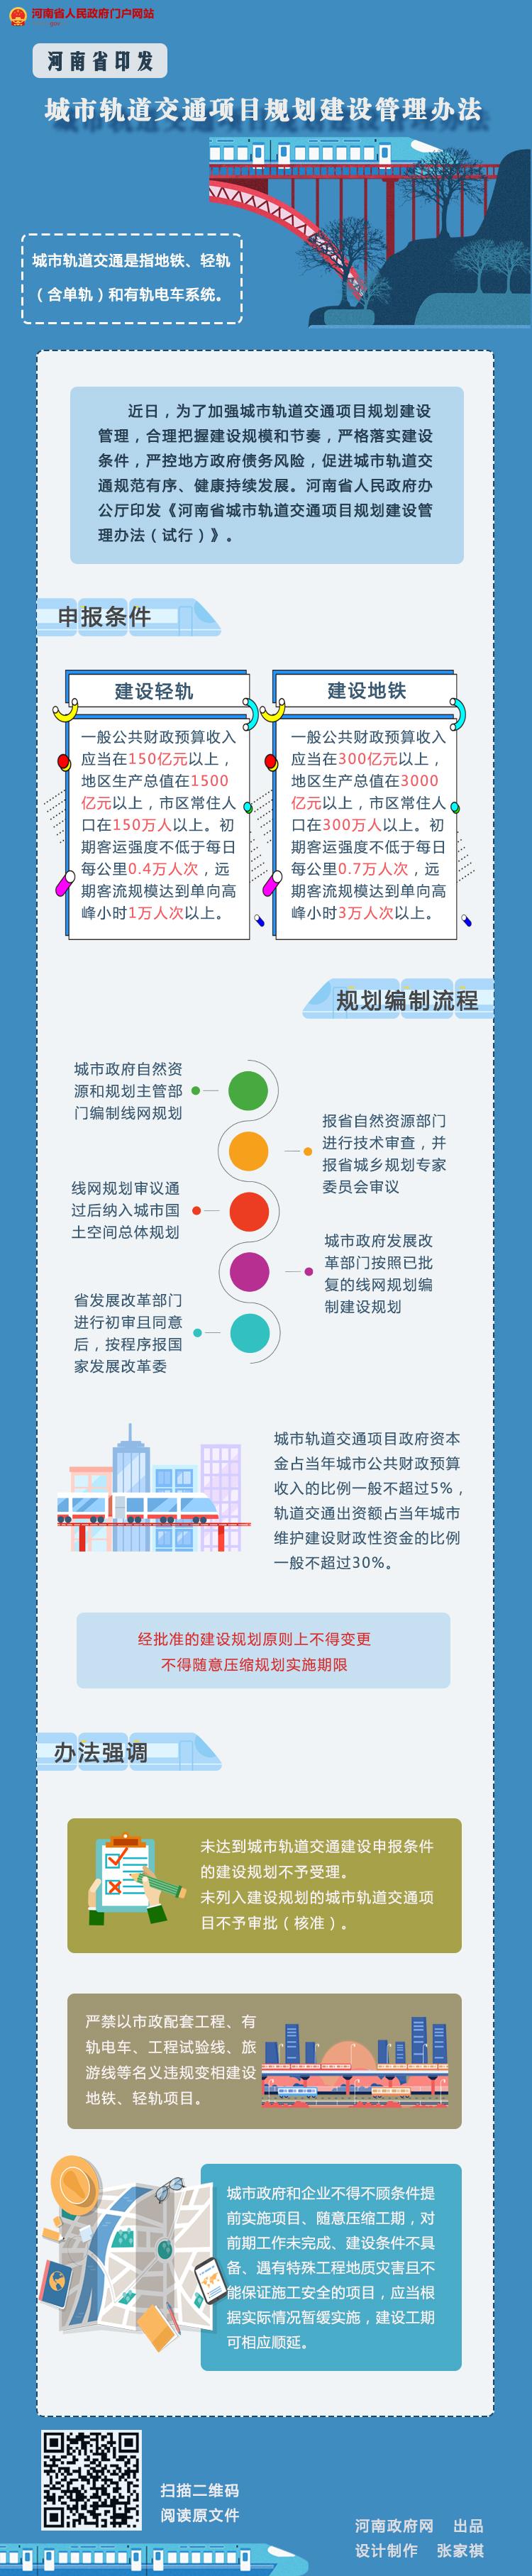 图解:河南省发布城市轨道交通项目规划建设管理办法